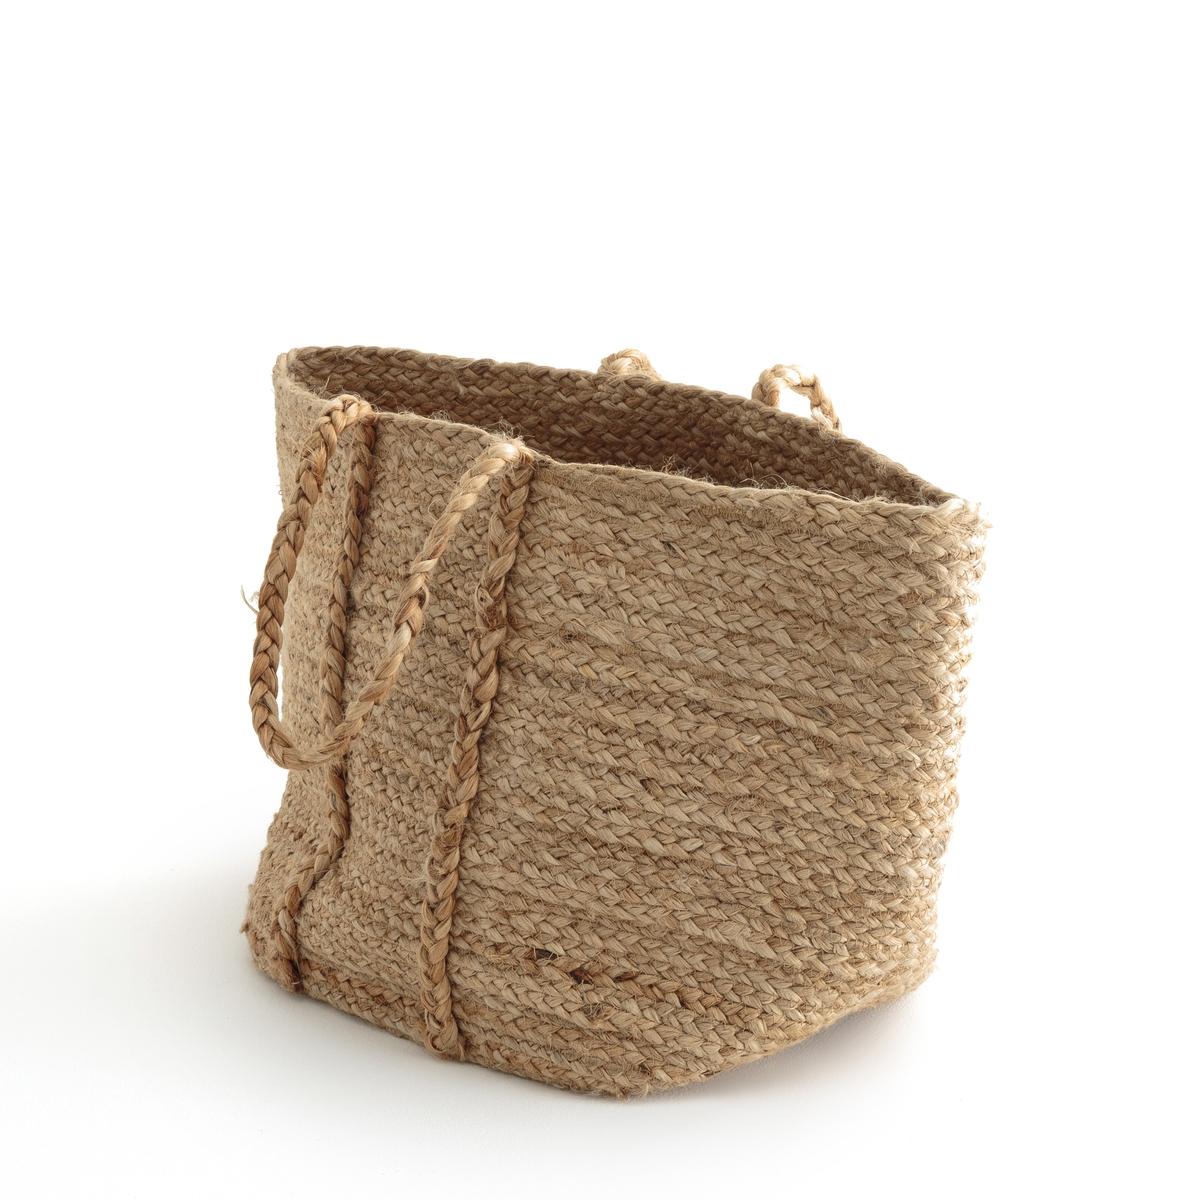 Корзина из натуральной джутовой ткани, NATURALLEВеликолепная корзина ручной работы Naturalle из натуральной джутовой ткани !Описание мягкой корзины Naturalle :100% натуральная джутовая ткань Размеры мягкой корзины Naturalle :Верх. 35 см x диамтер 35 см .<br><br>Цвет: серо-бежевый<br>Размер: единый размер